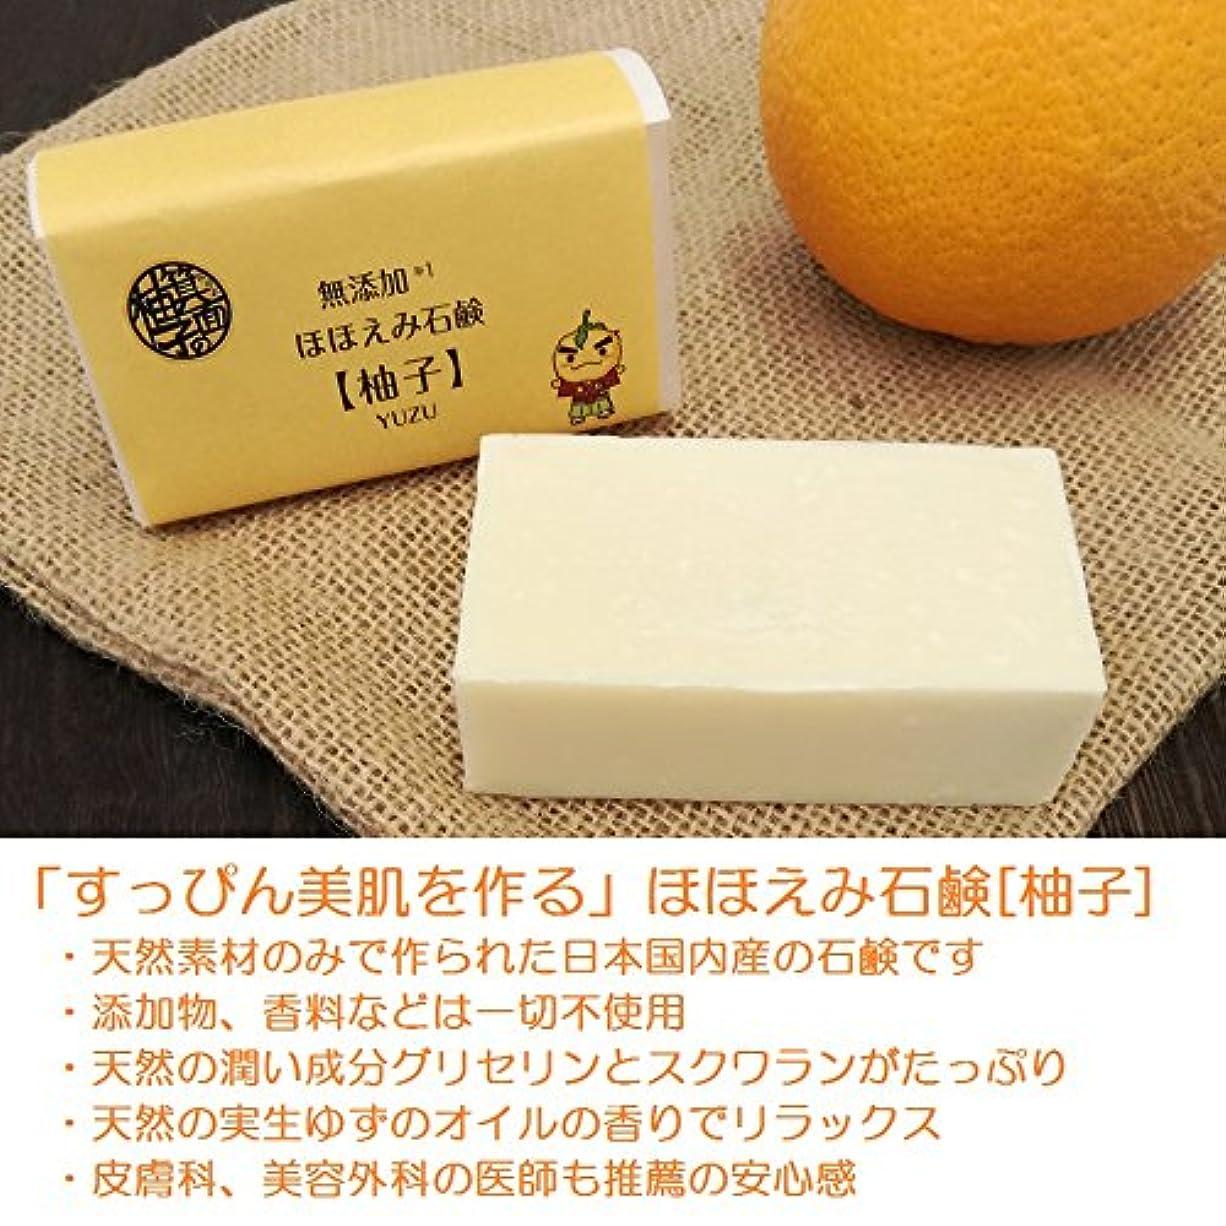 失速今晩モロニックすっぴん美肌を作る ほほえみ石鹸 柚子 オリーブオイル 無添加 オーガニック 日本製 80g